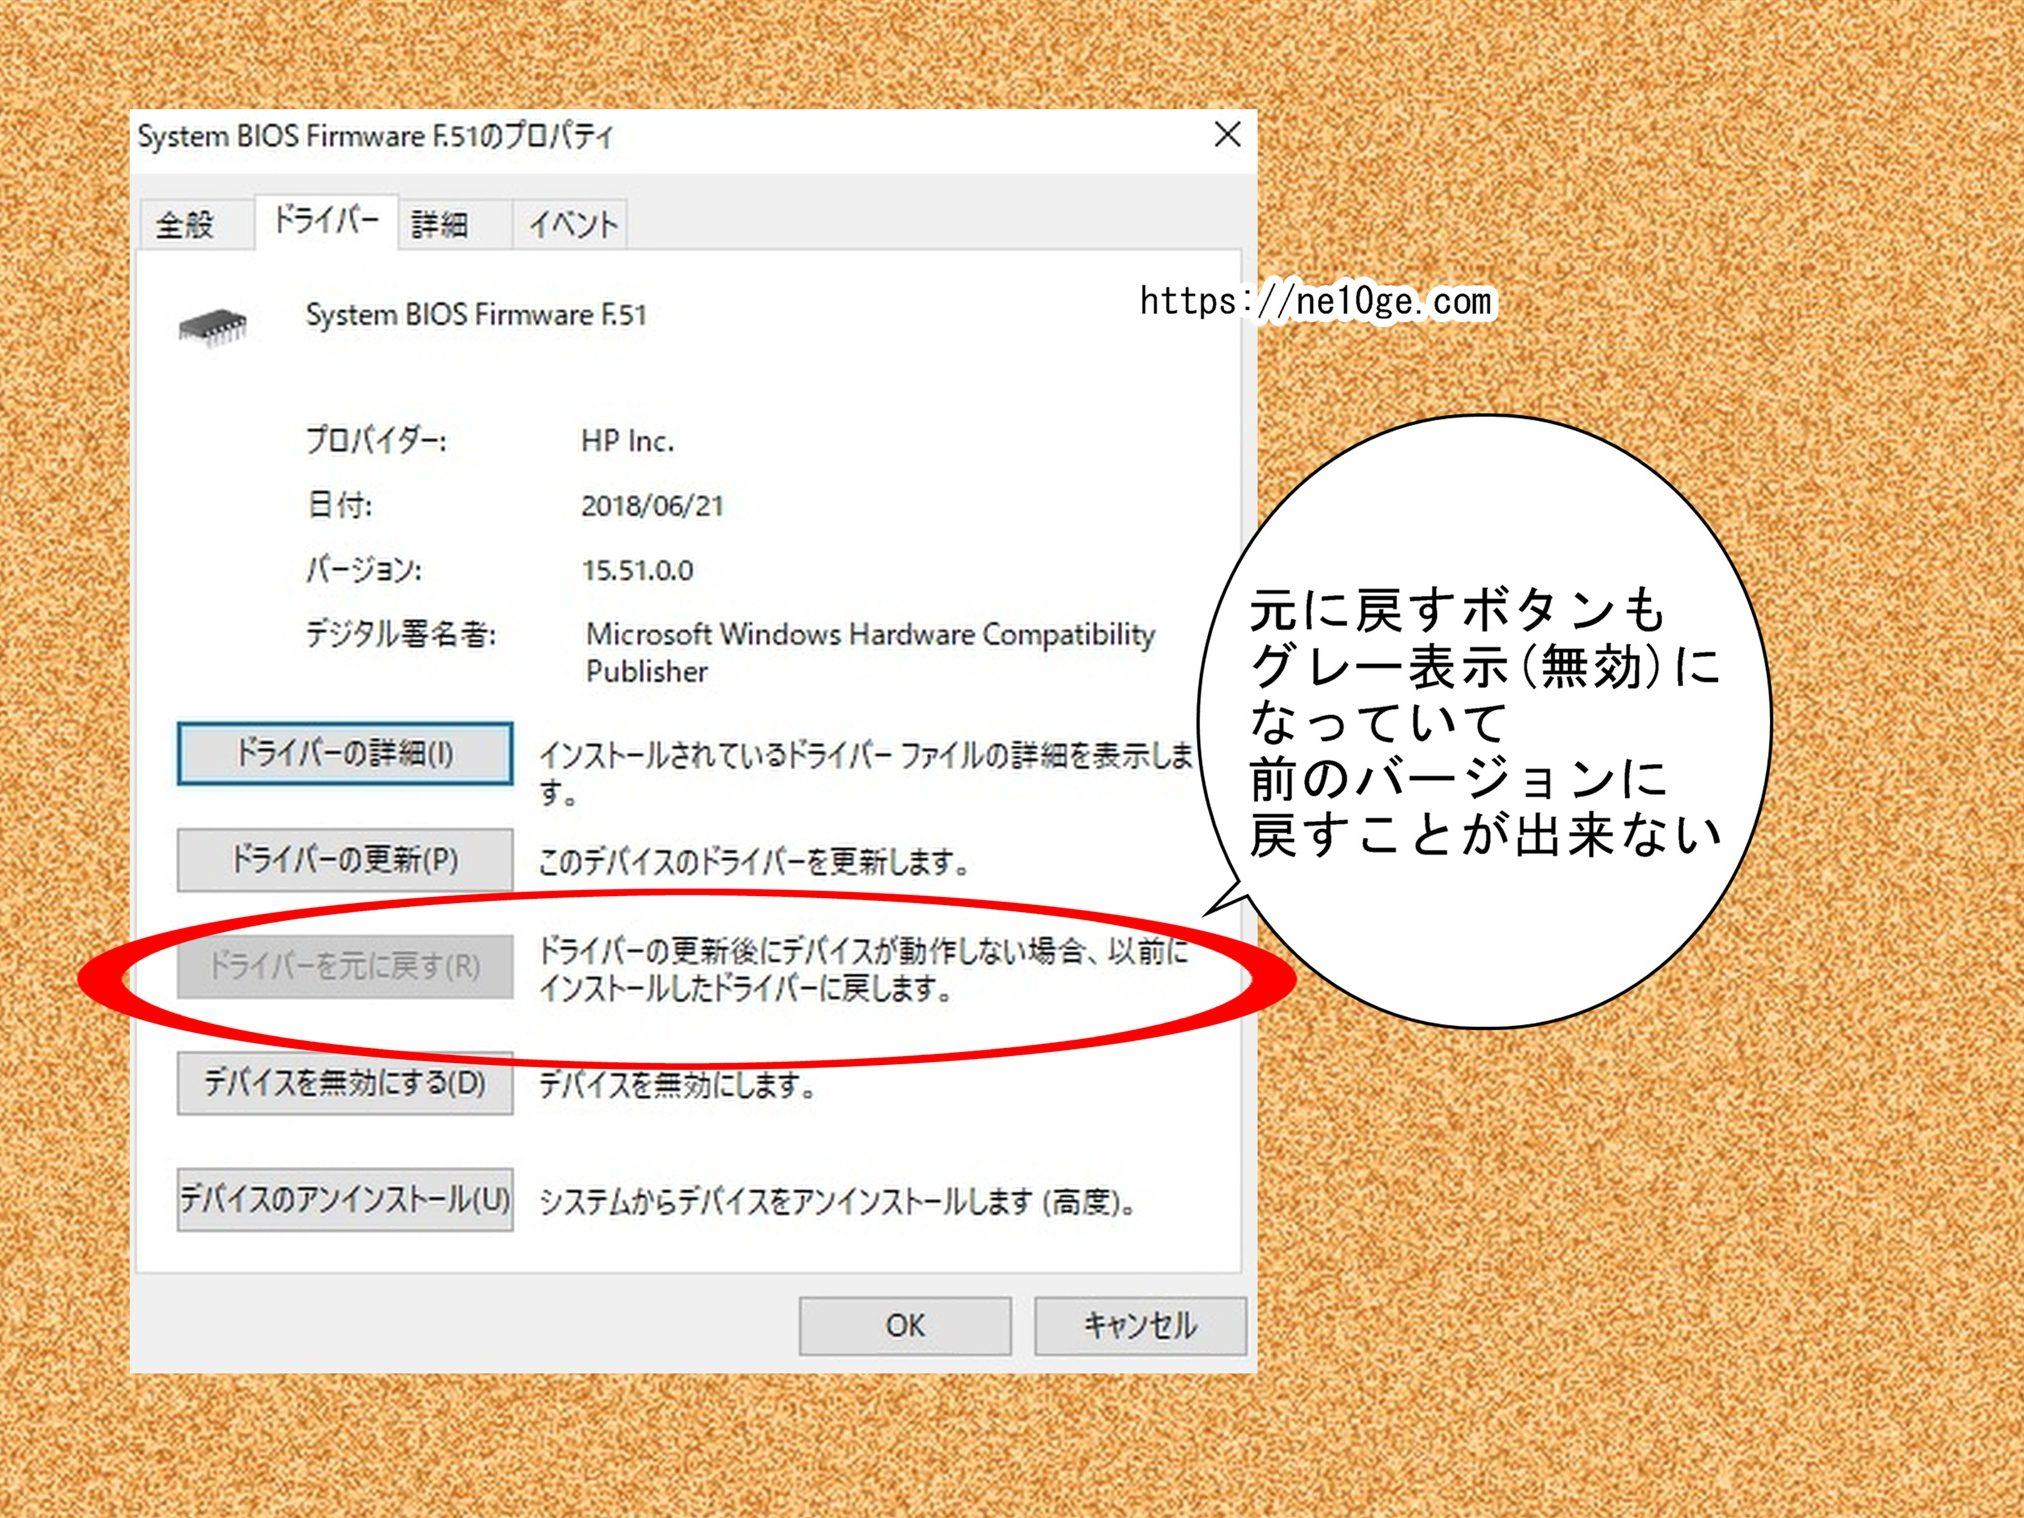 System BIOS Firmware F.51からダウングレードや前のバージョンに戻すことが出来ない